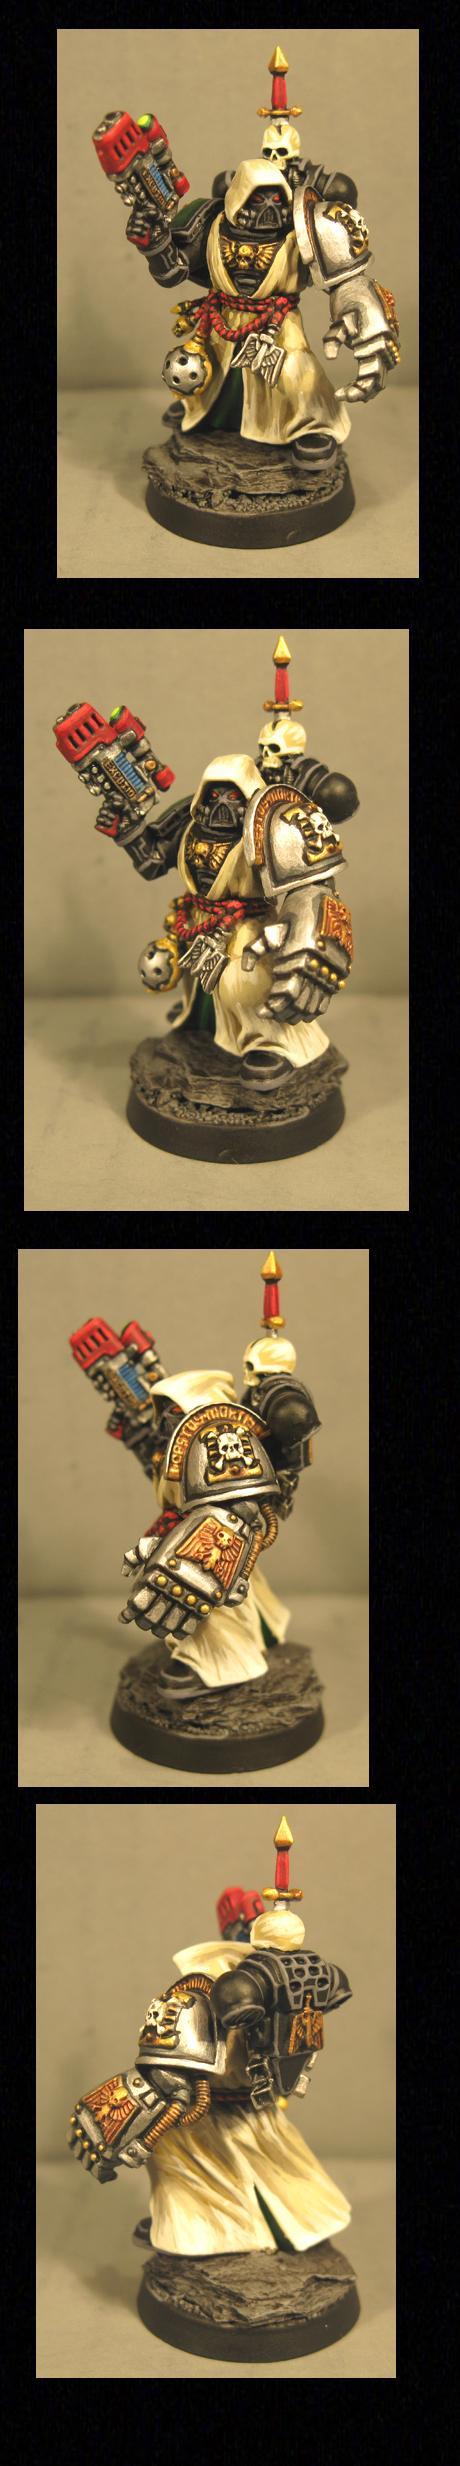 Dark Angels, Death Watch, Pro Painted, Veteran, Warhammer 40,000